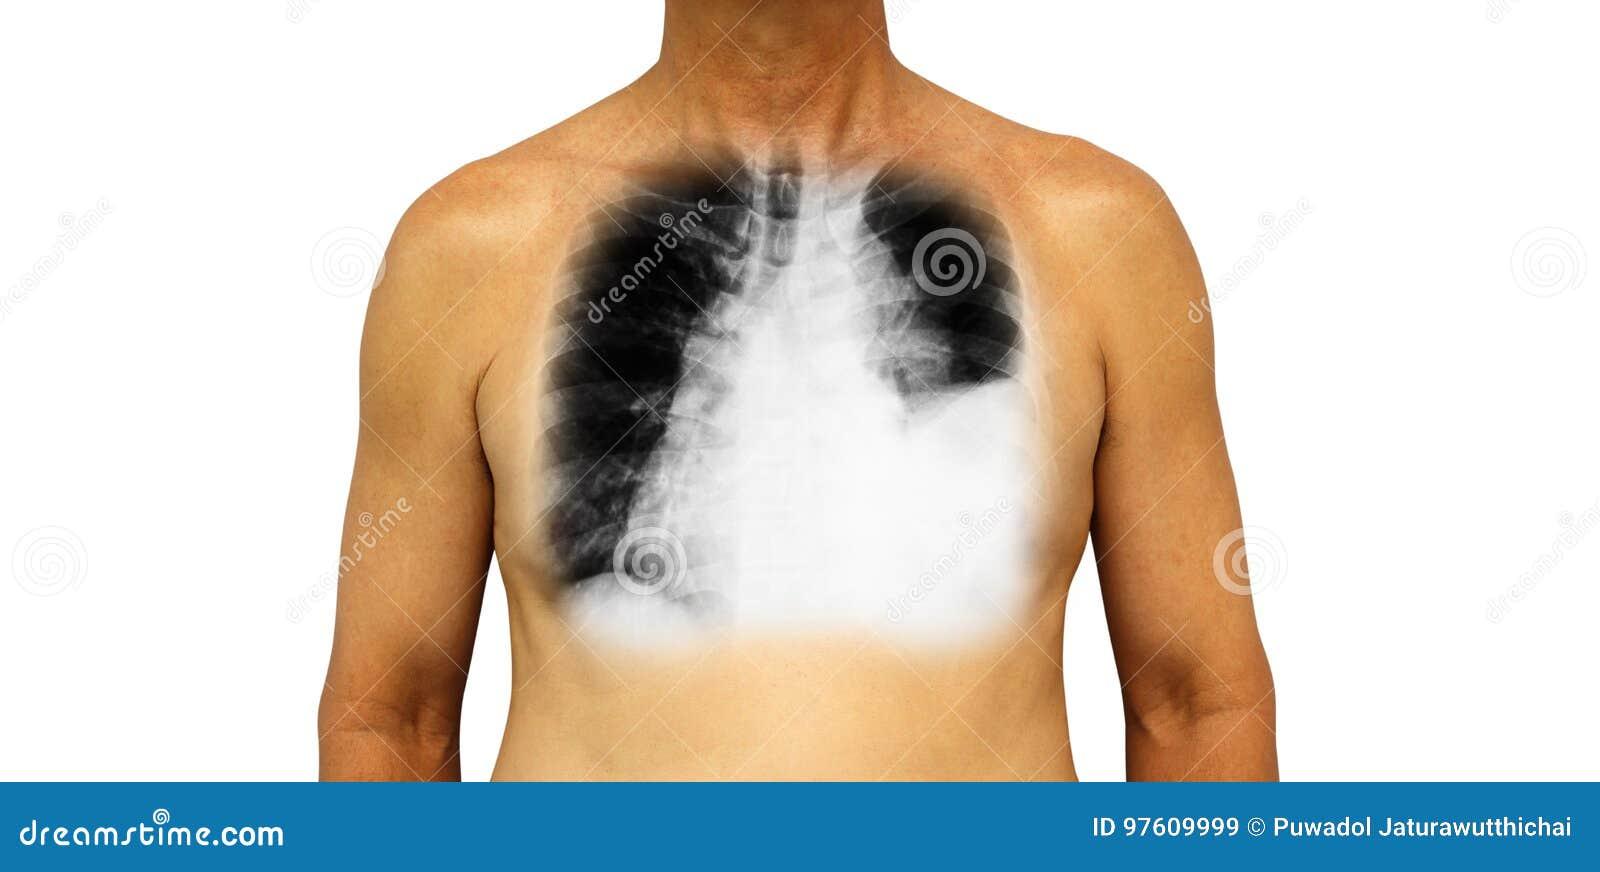 Lung Cancer Den mänskliga bröstkorgen och röntgenstrålen visar pleural effusion som tack vare lämnas lungcancer för lungan